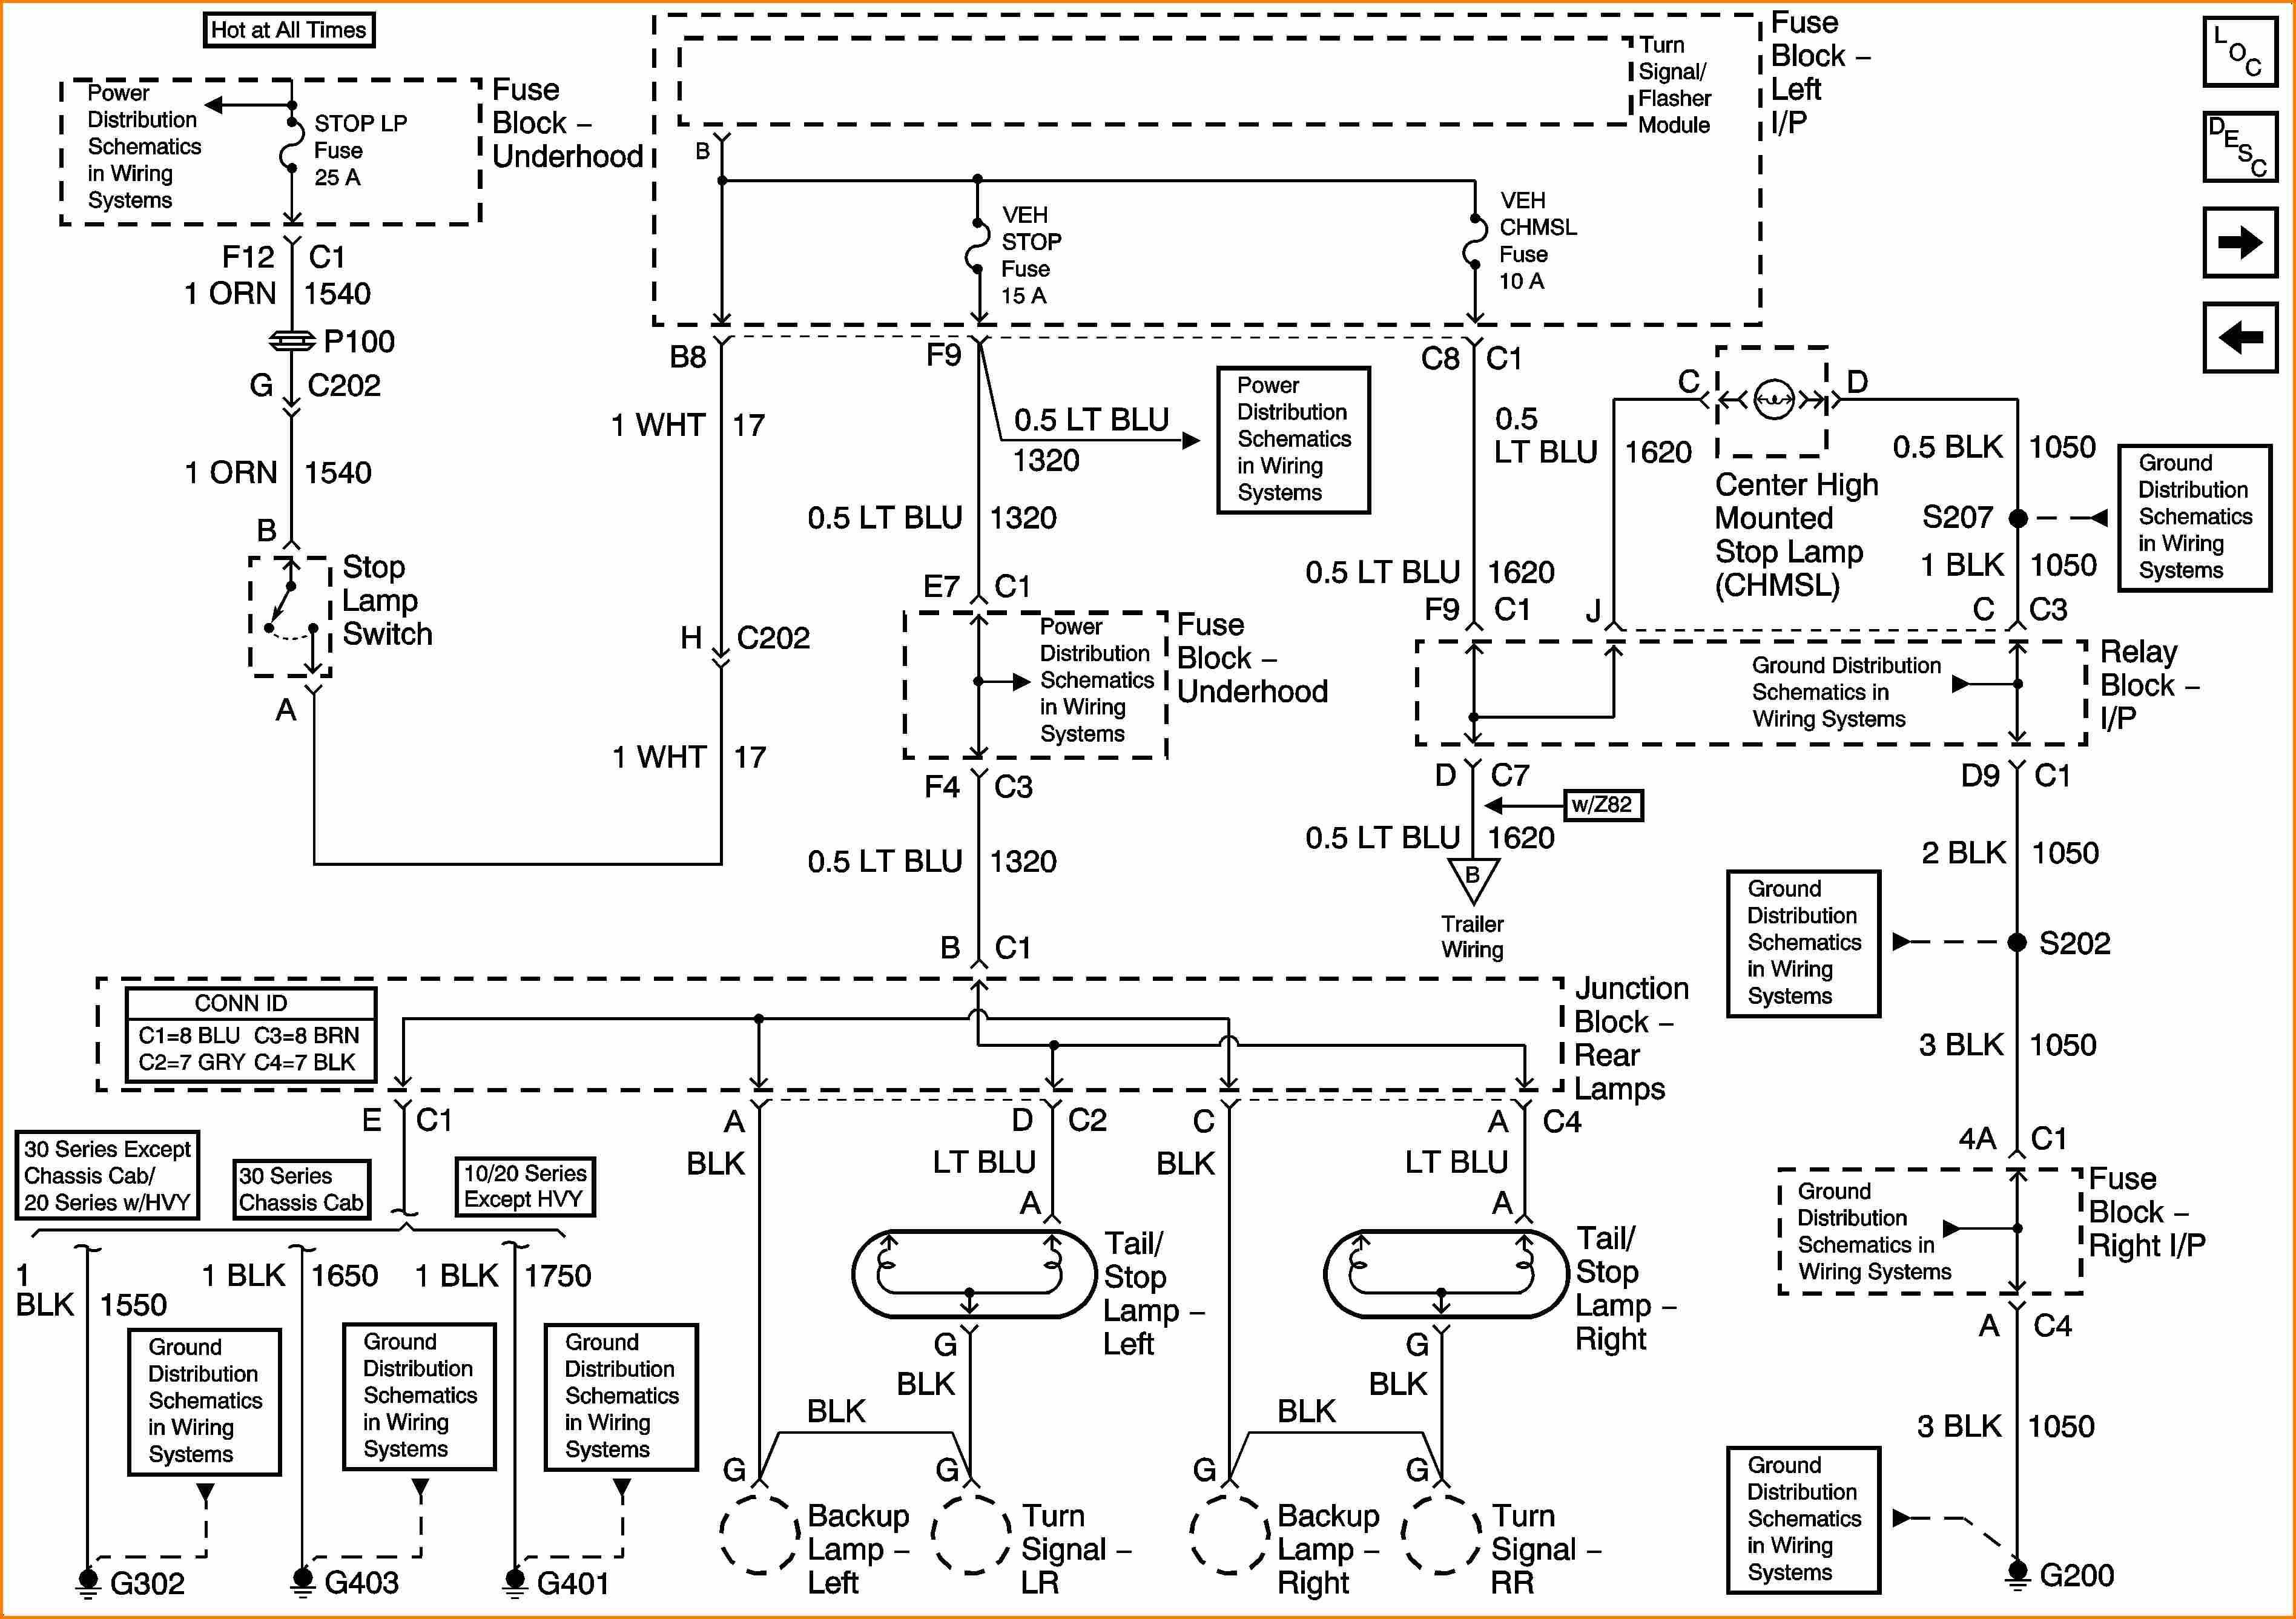 2003 Chevy Silverado Engine Diagram 2003 Chevy Silverado Engine Diagram Wiring Diagram Week Of 2003 Chevy Silverado Engine Diagram